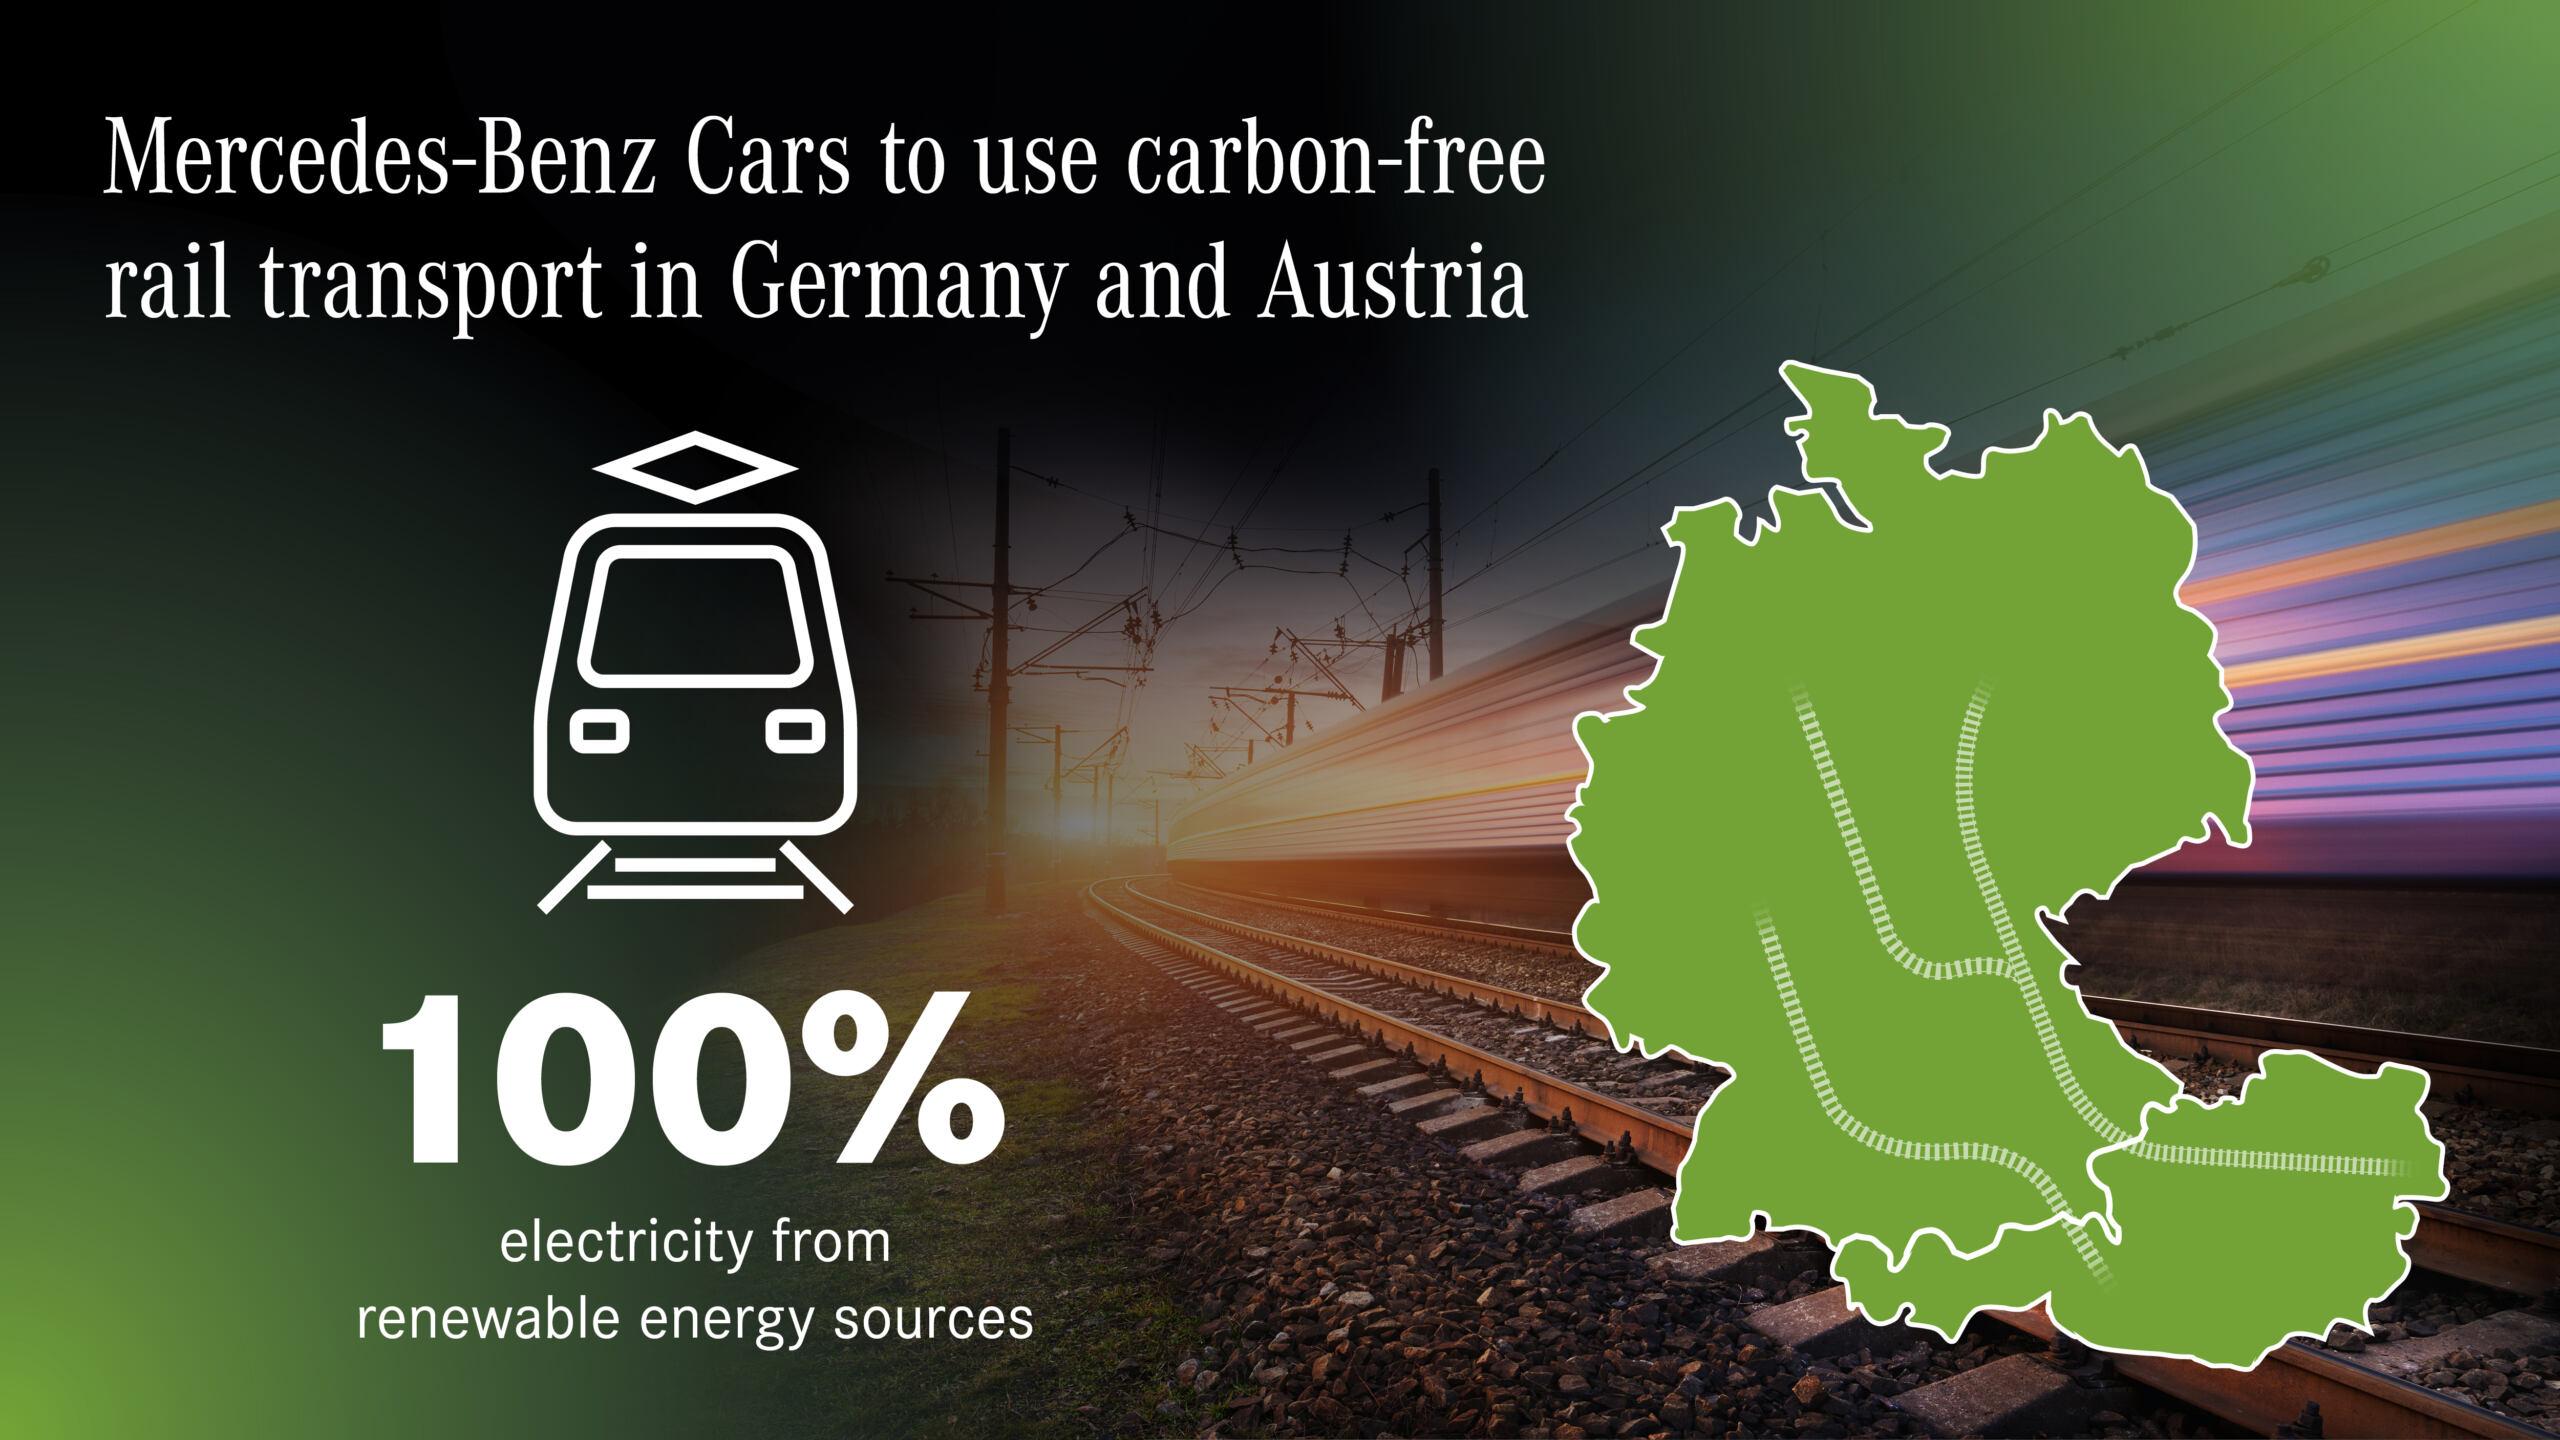 Mercedes trasporto ferroviario senza CO2